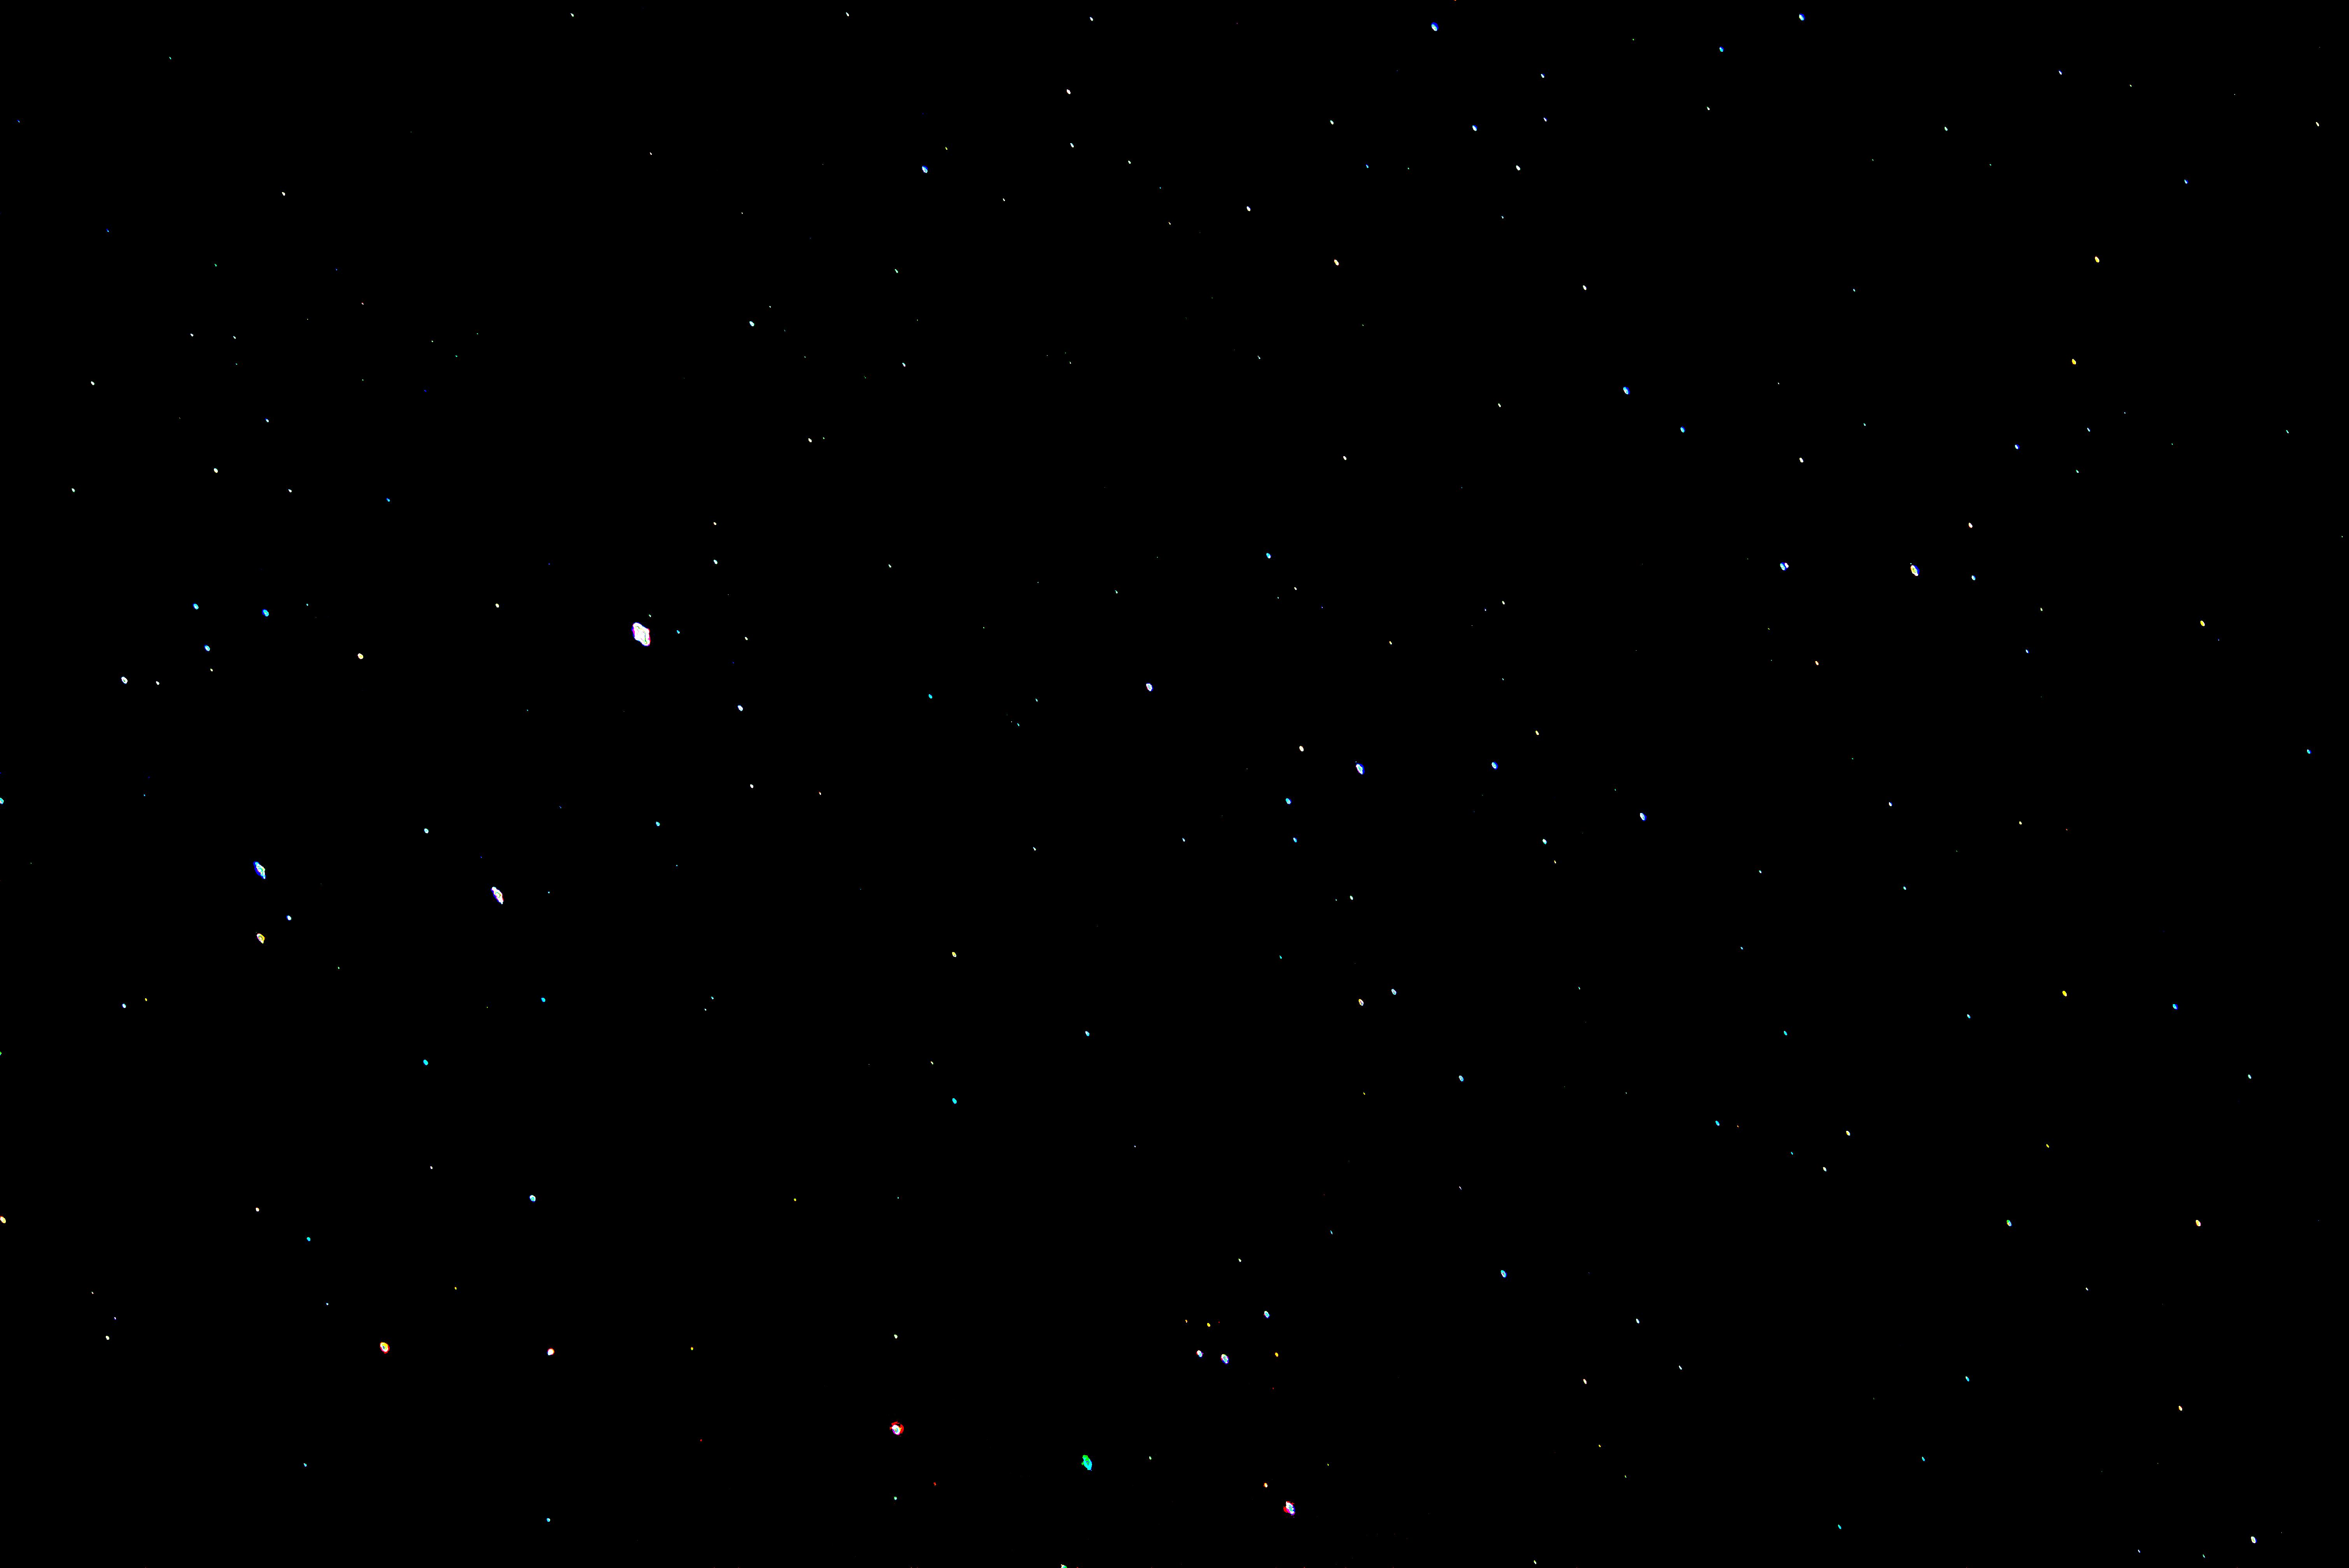 png night sky transparent night sky png images pluspng